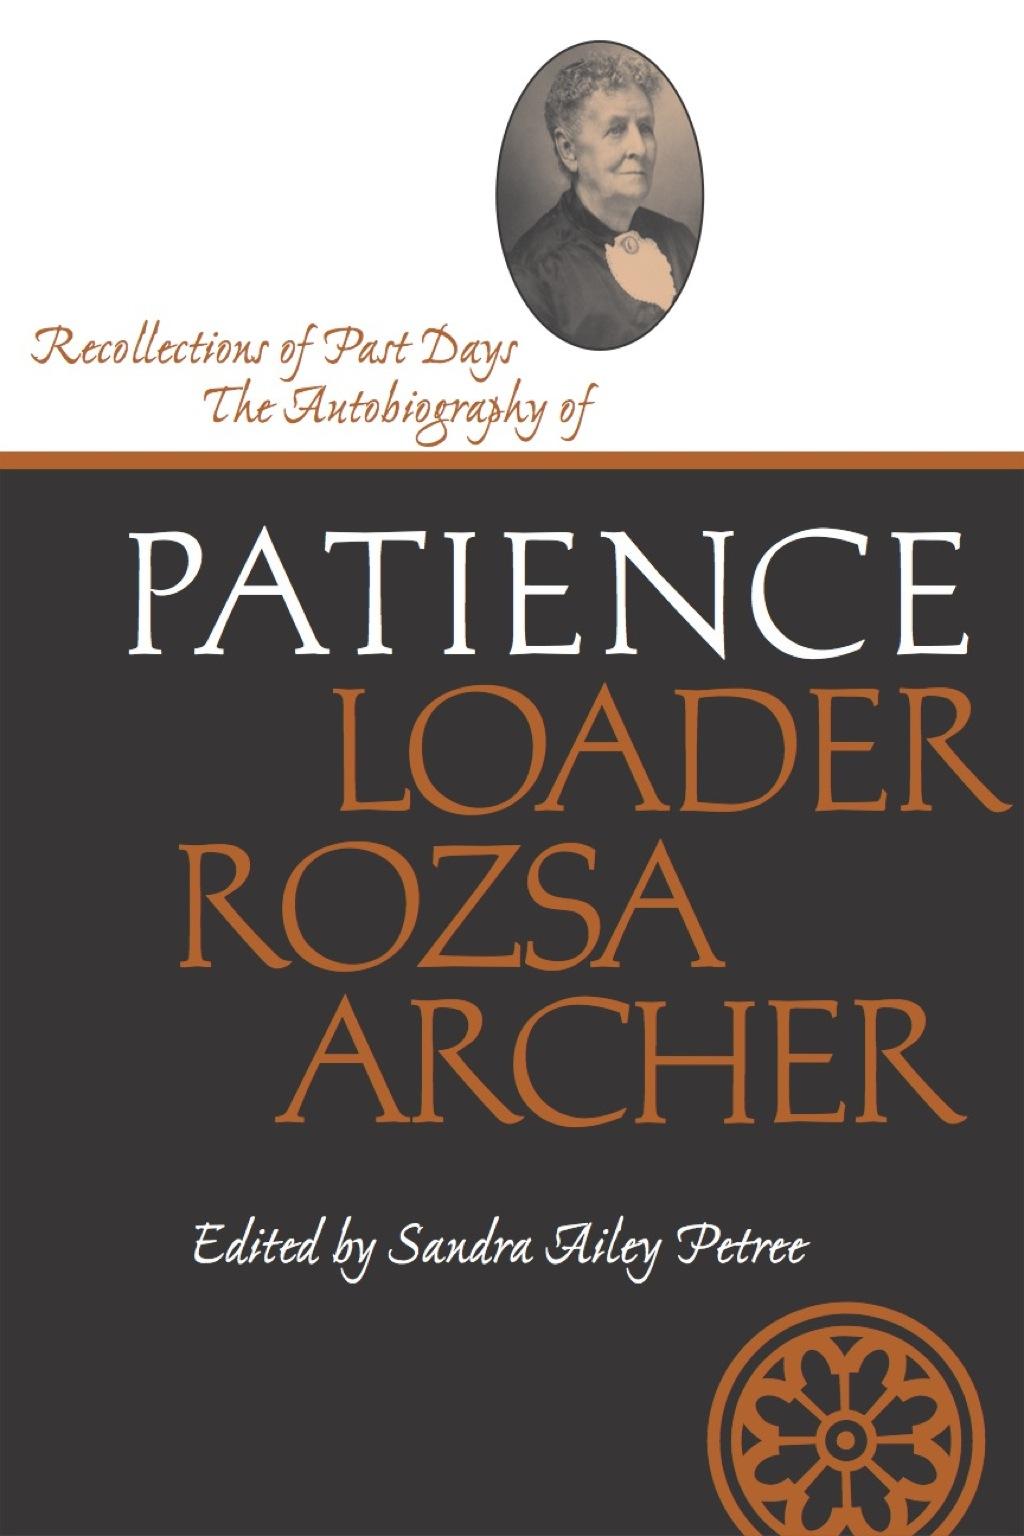 By Petree,  Sandra Ailey PRINTISBN: 9781457180880 E-TEXT ISBN: 9780874216264 Edition: 1